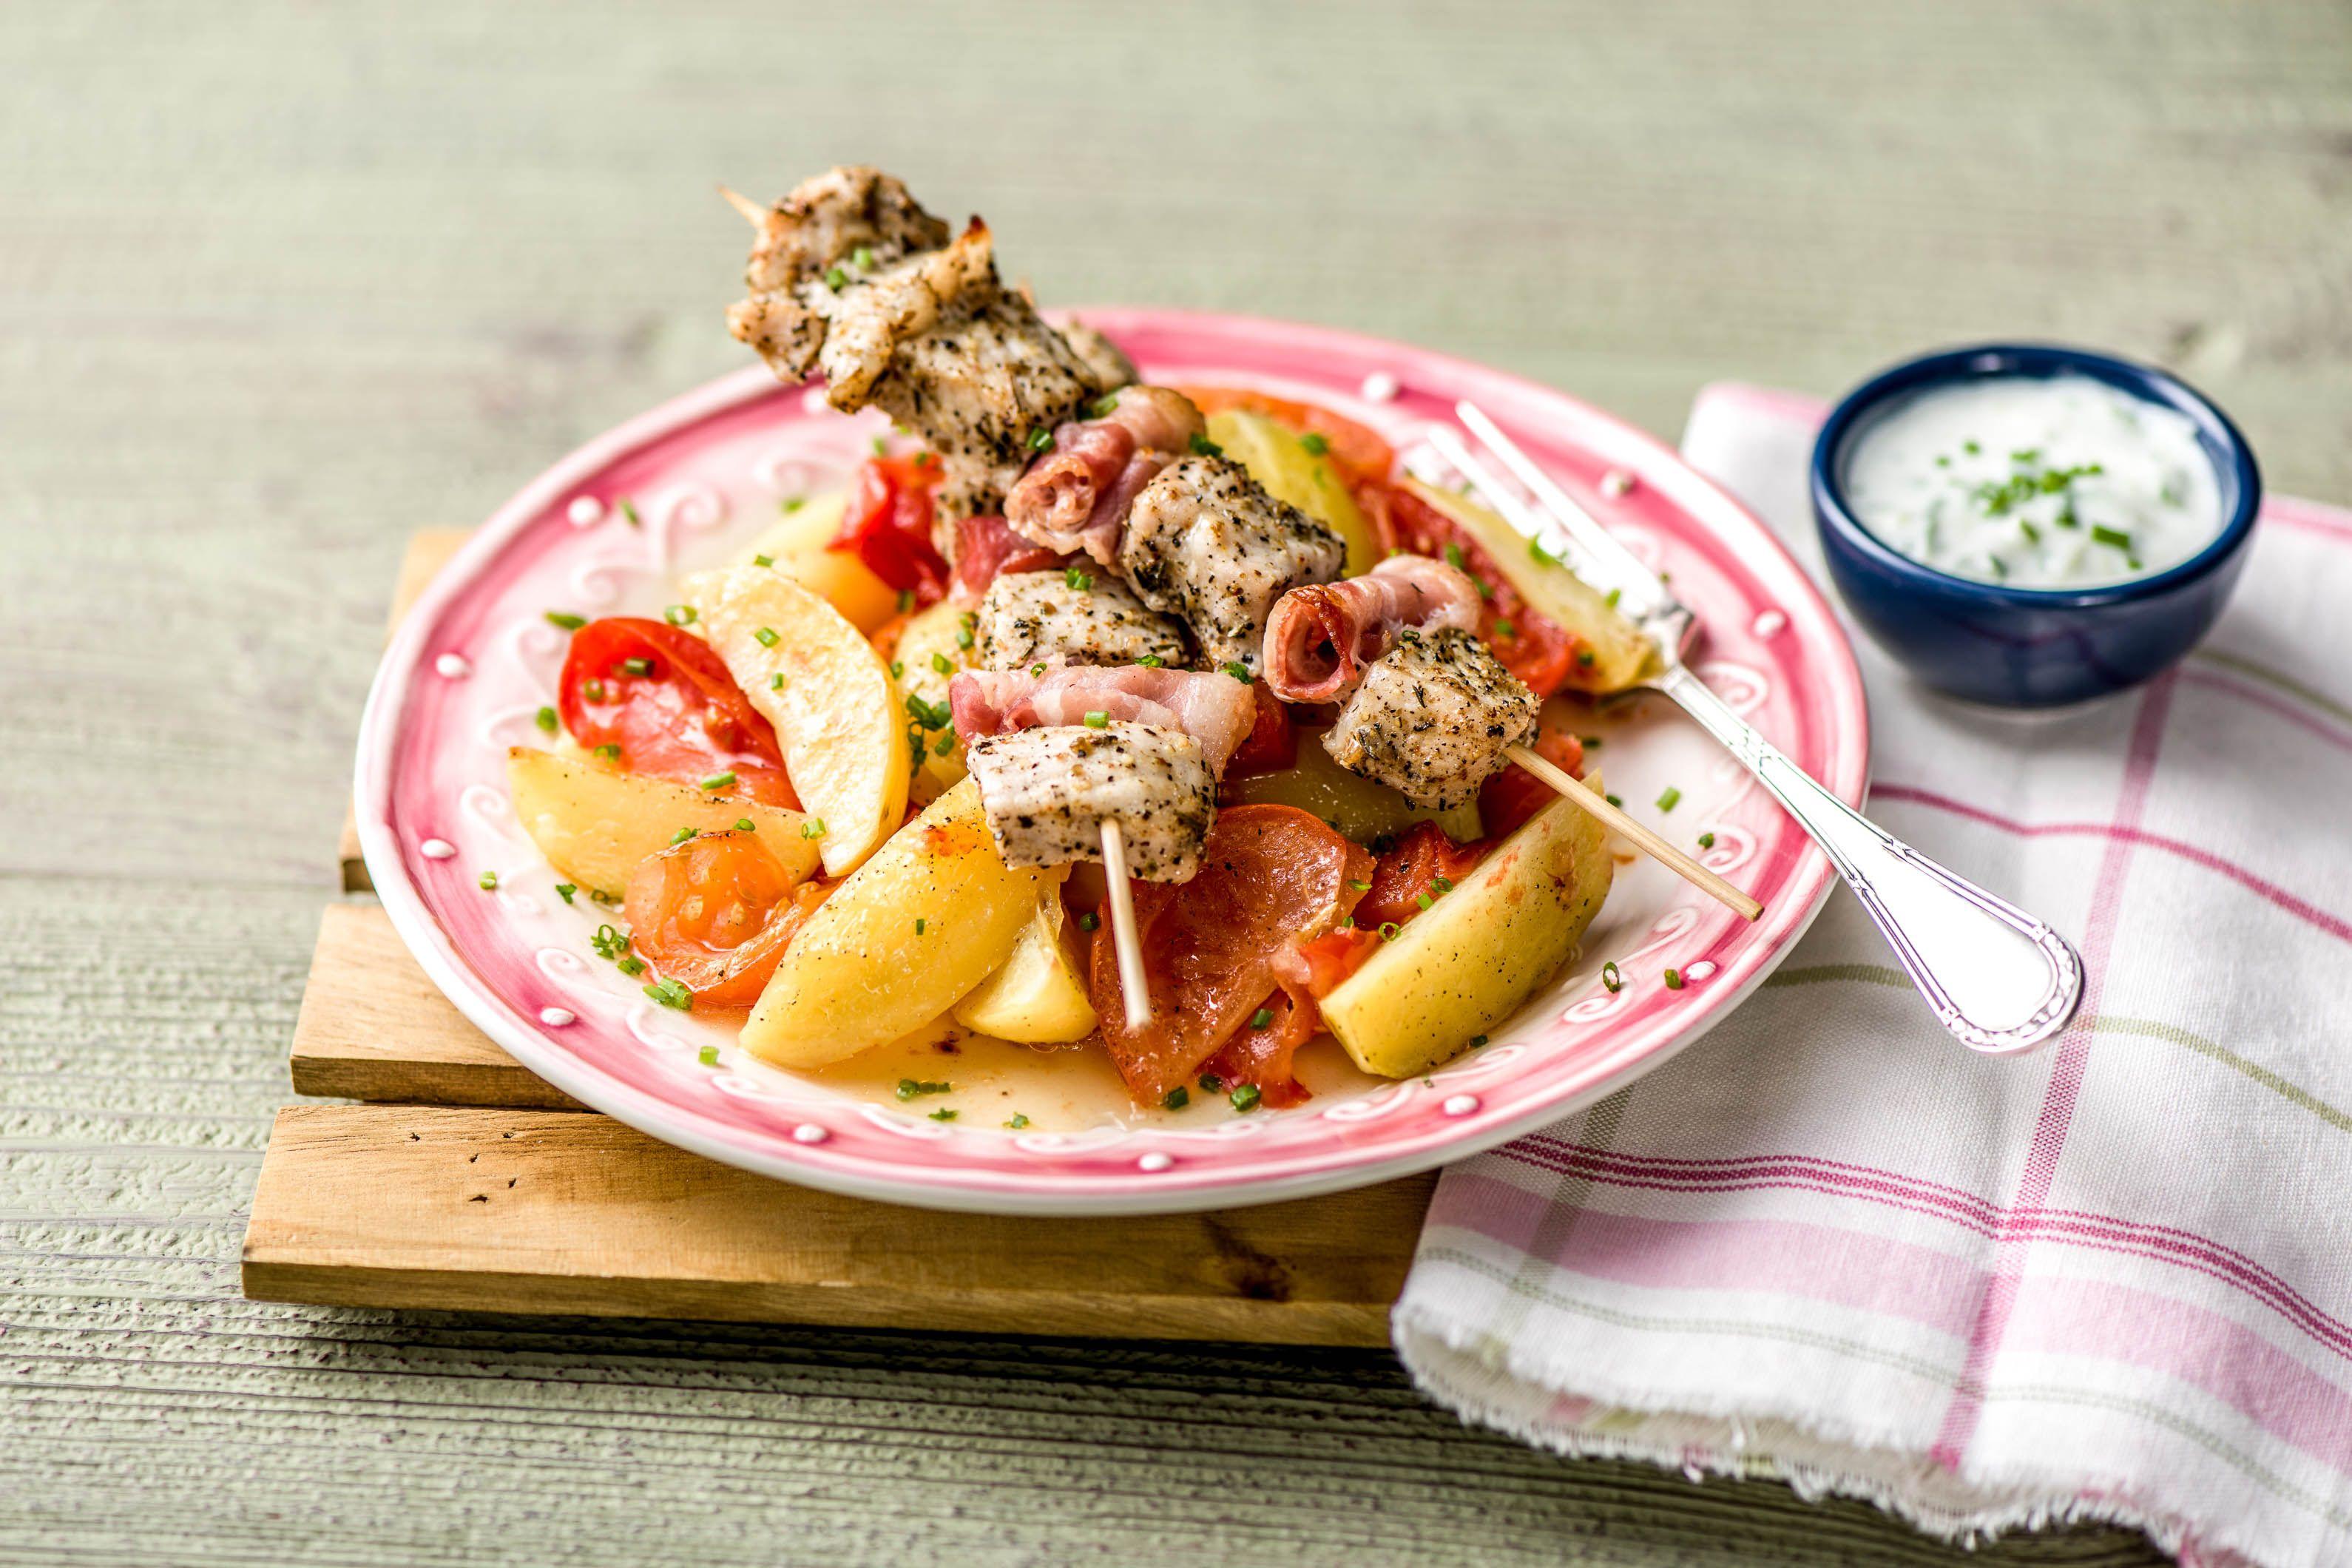 Griechische Gyros-Spieße mit Kartoffel-Tomaten-Ragout und Tsatsiki